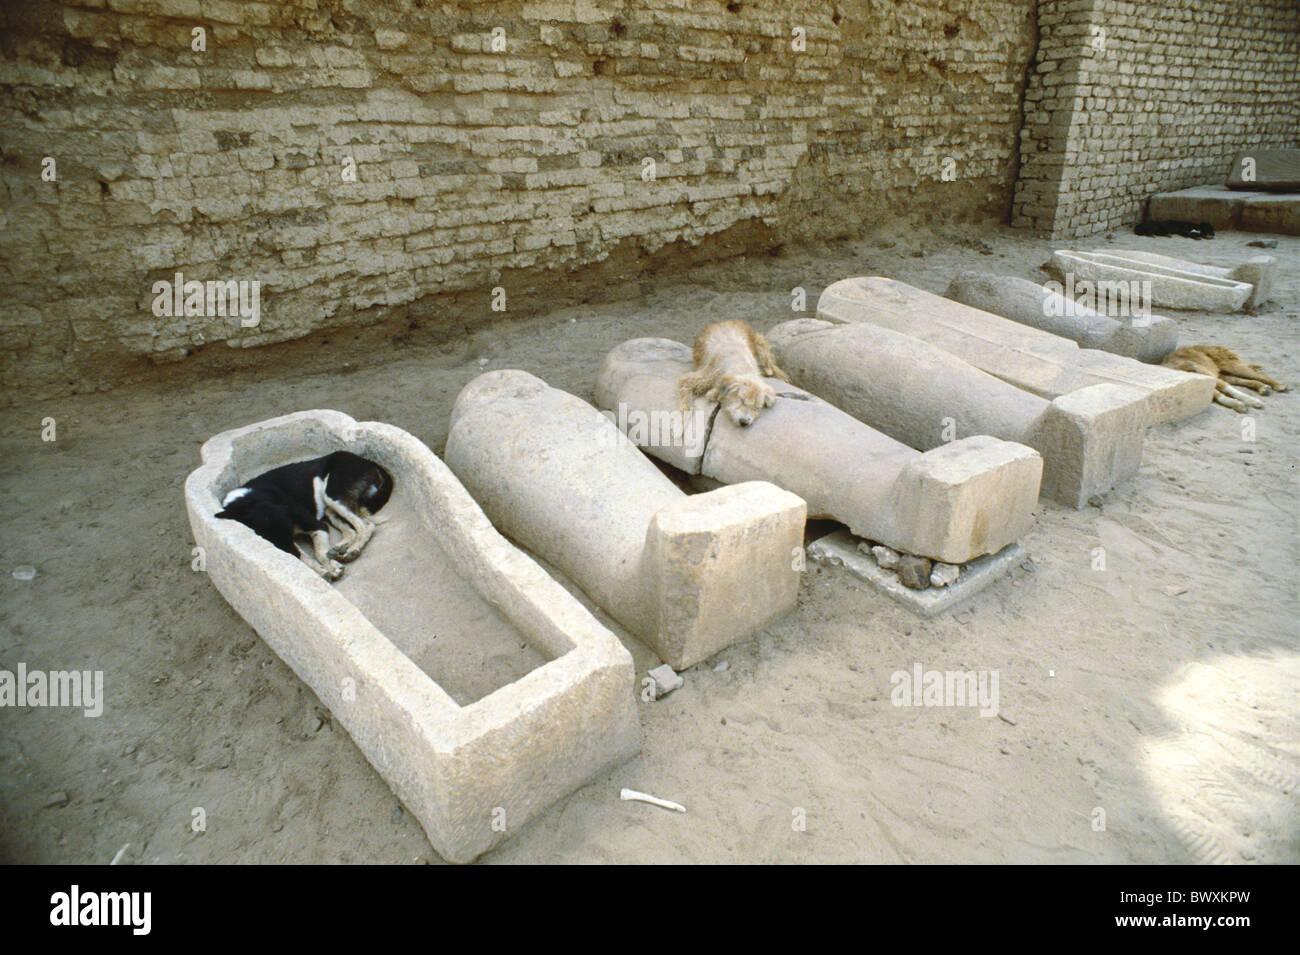 Agypten Nordafrika Hunde Sarkophage Schlafen Skurrilen Humor Tiere